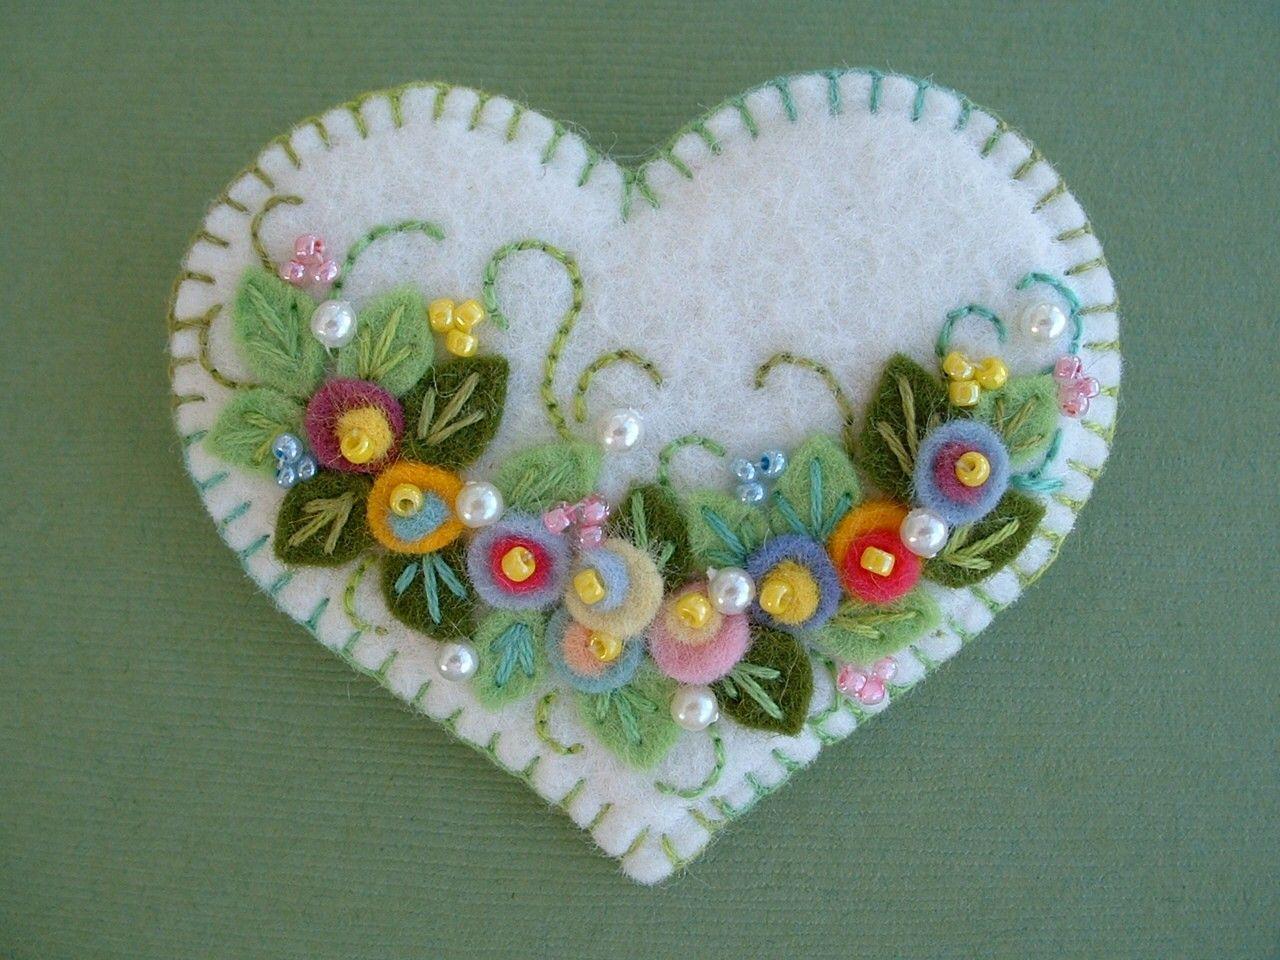 Felt flower applique heart pin felt crafts felt